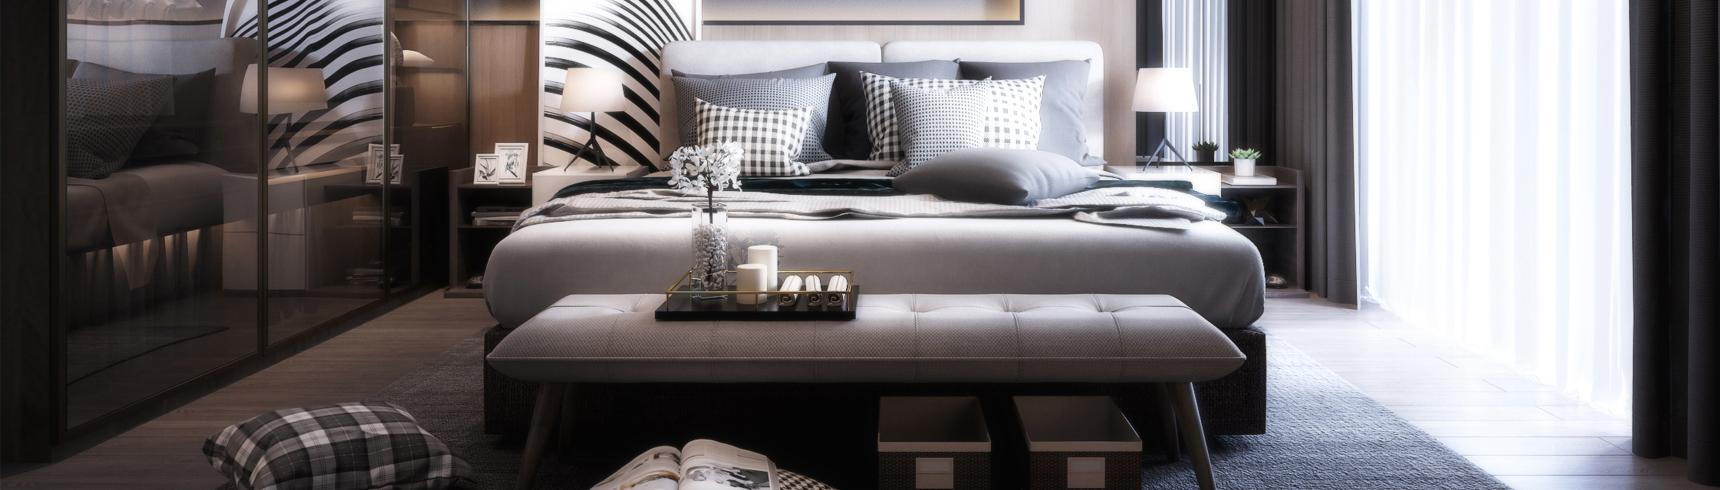 现代主人房 床具 吊灯 台灯 挂画 装饰品 地毯 床头柜 装饰品 窗帘3D模型下载